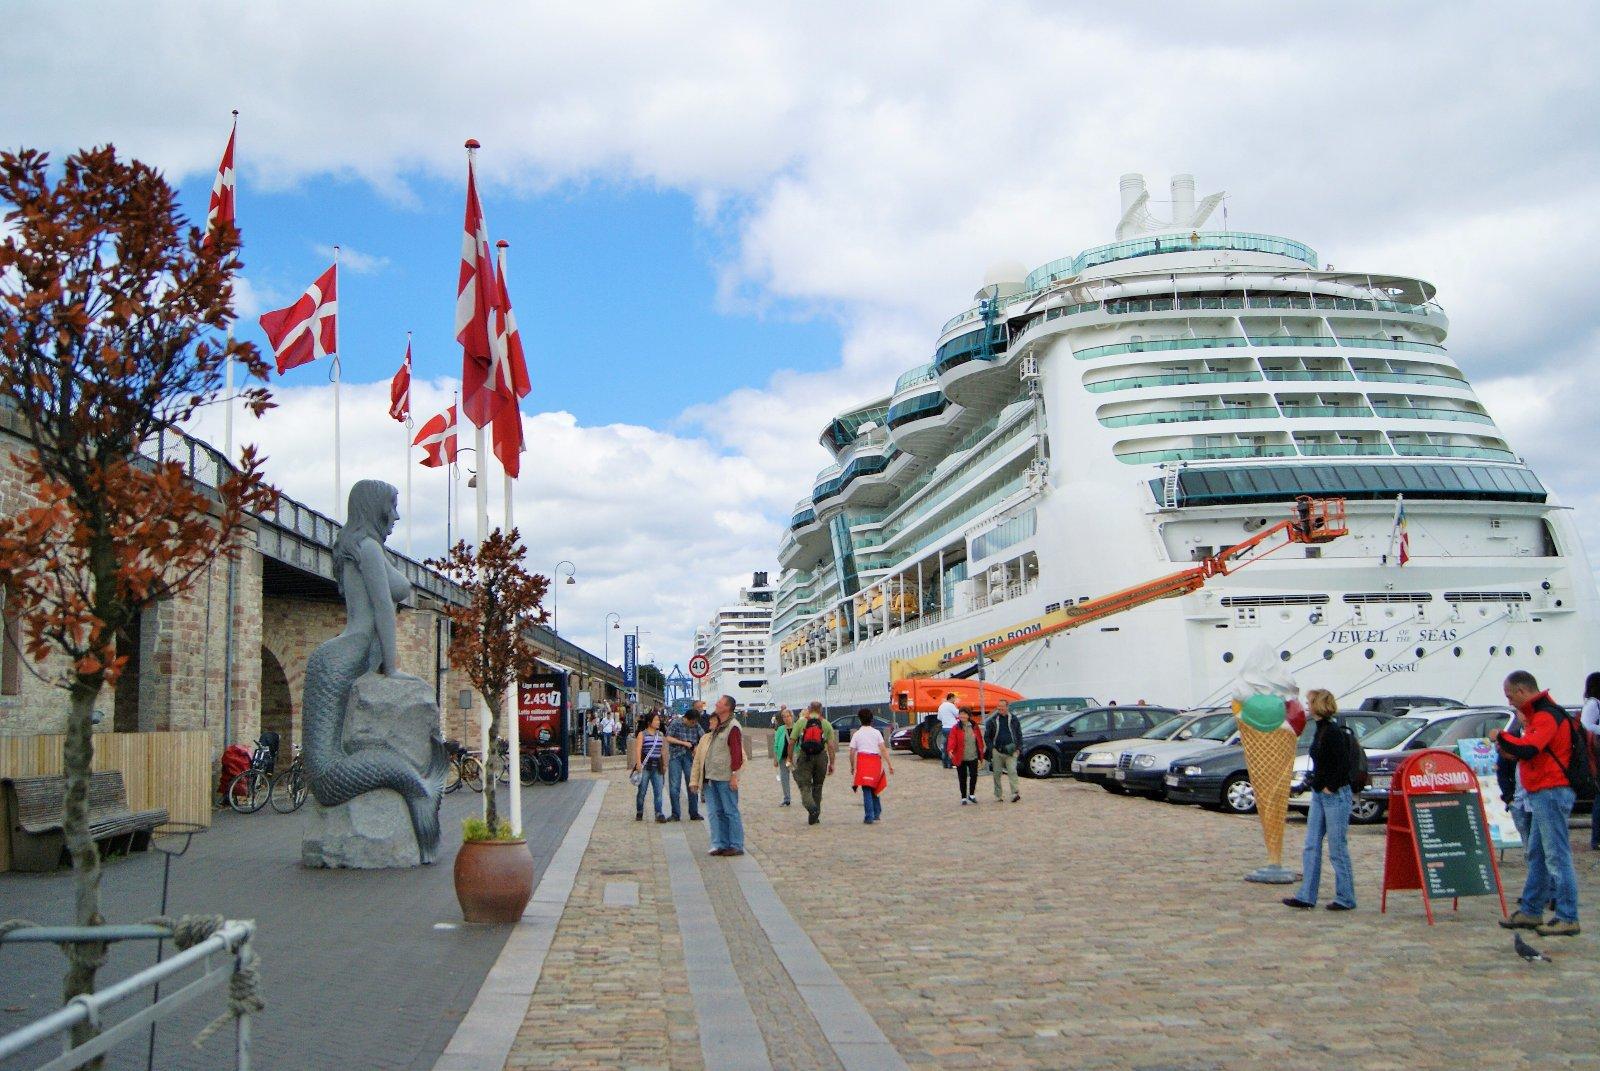 круизный пароход, флаг Дании, Dannebrog1, Копенгаген, столица Дании, Станислав Смирнов, Стасмир, Стасмир Трэвэл